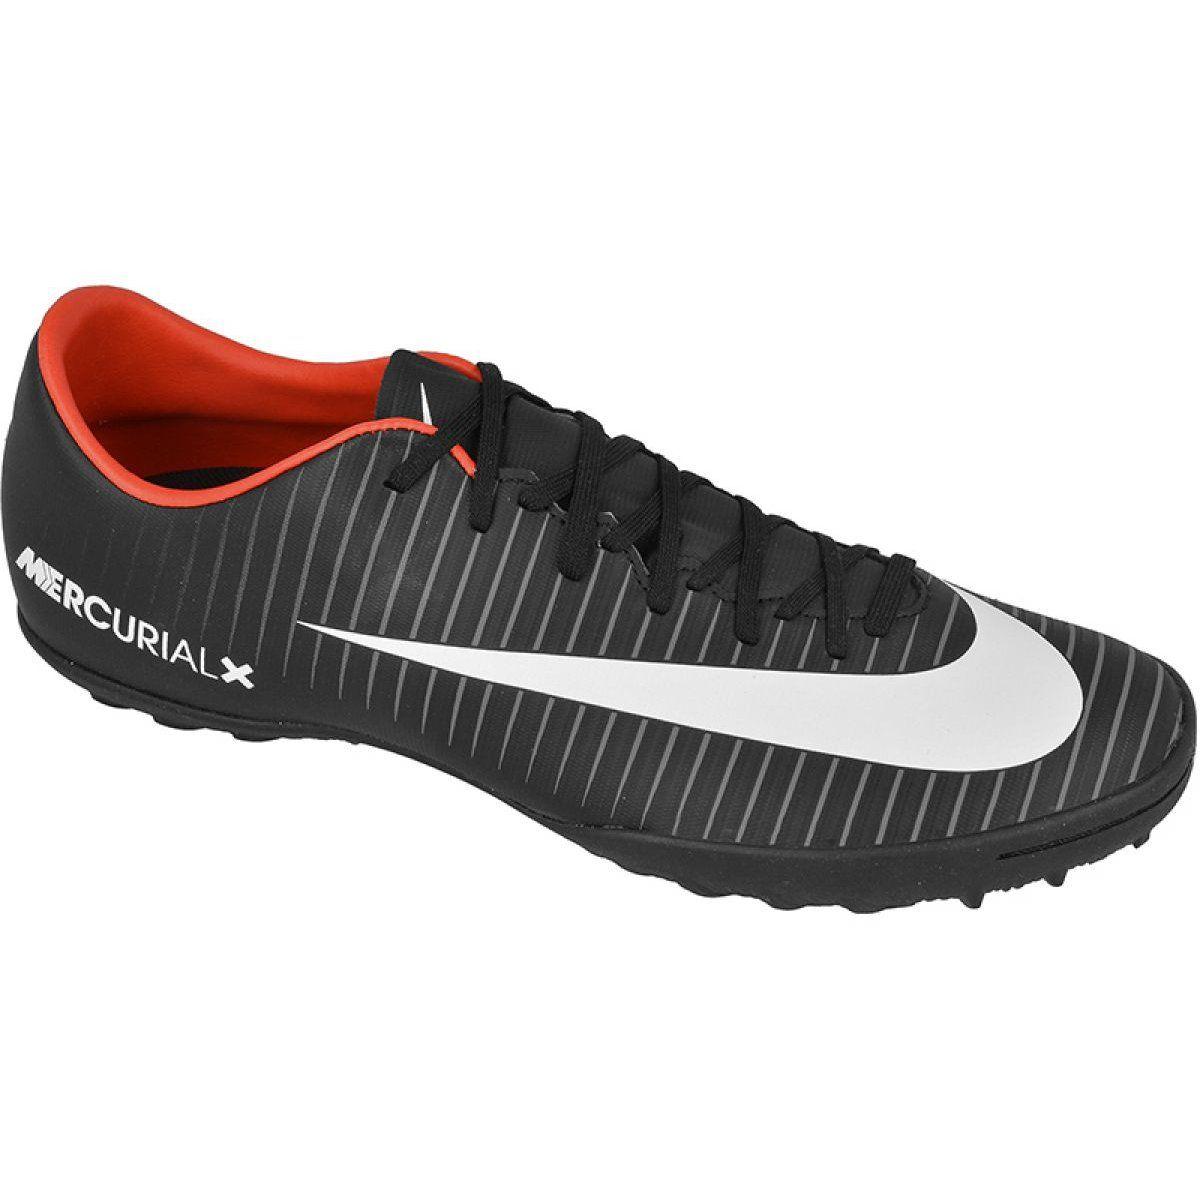 Buty Pilkarskie Nike Mercurialx Victory Vi Tf M 831968 002 Wielokolorowe Czarne Platform Sneakers Sneakers Puma Platform